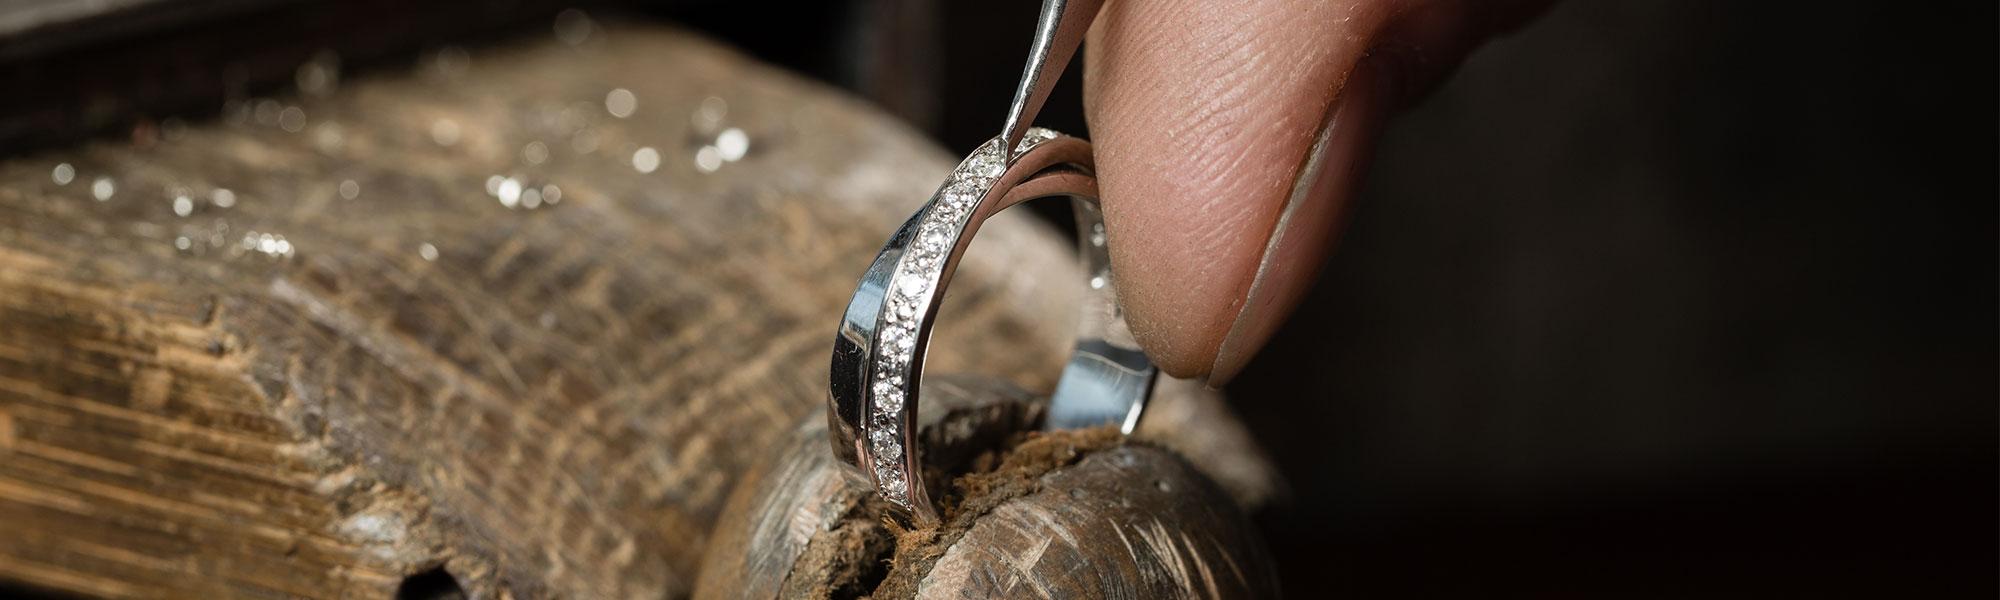 Bearbeitung eines Ringes